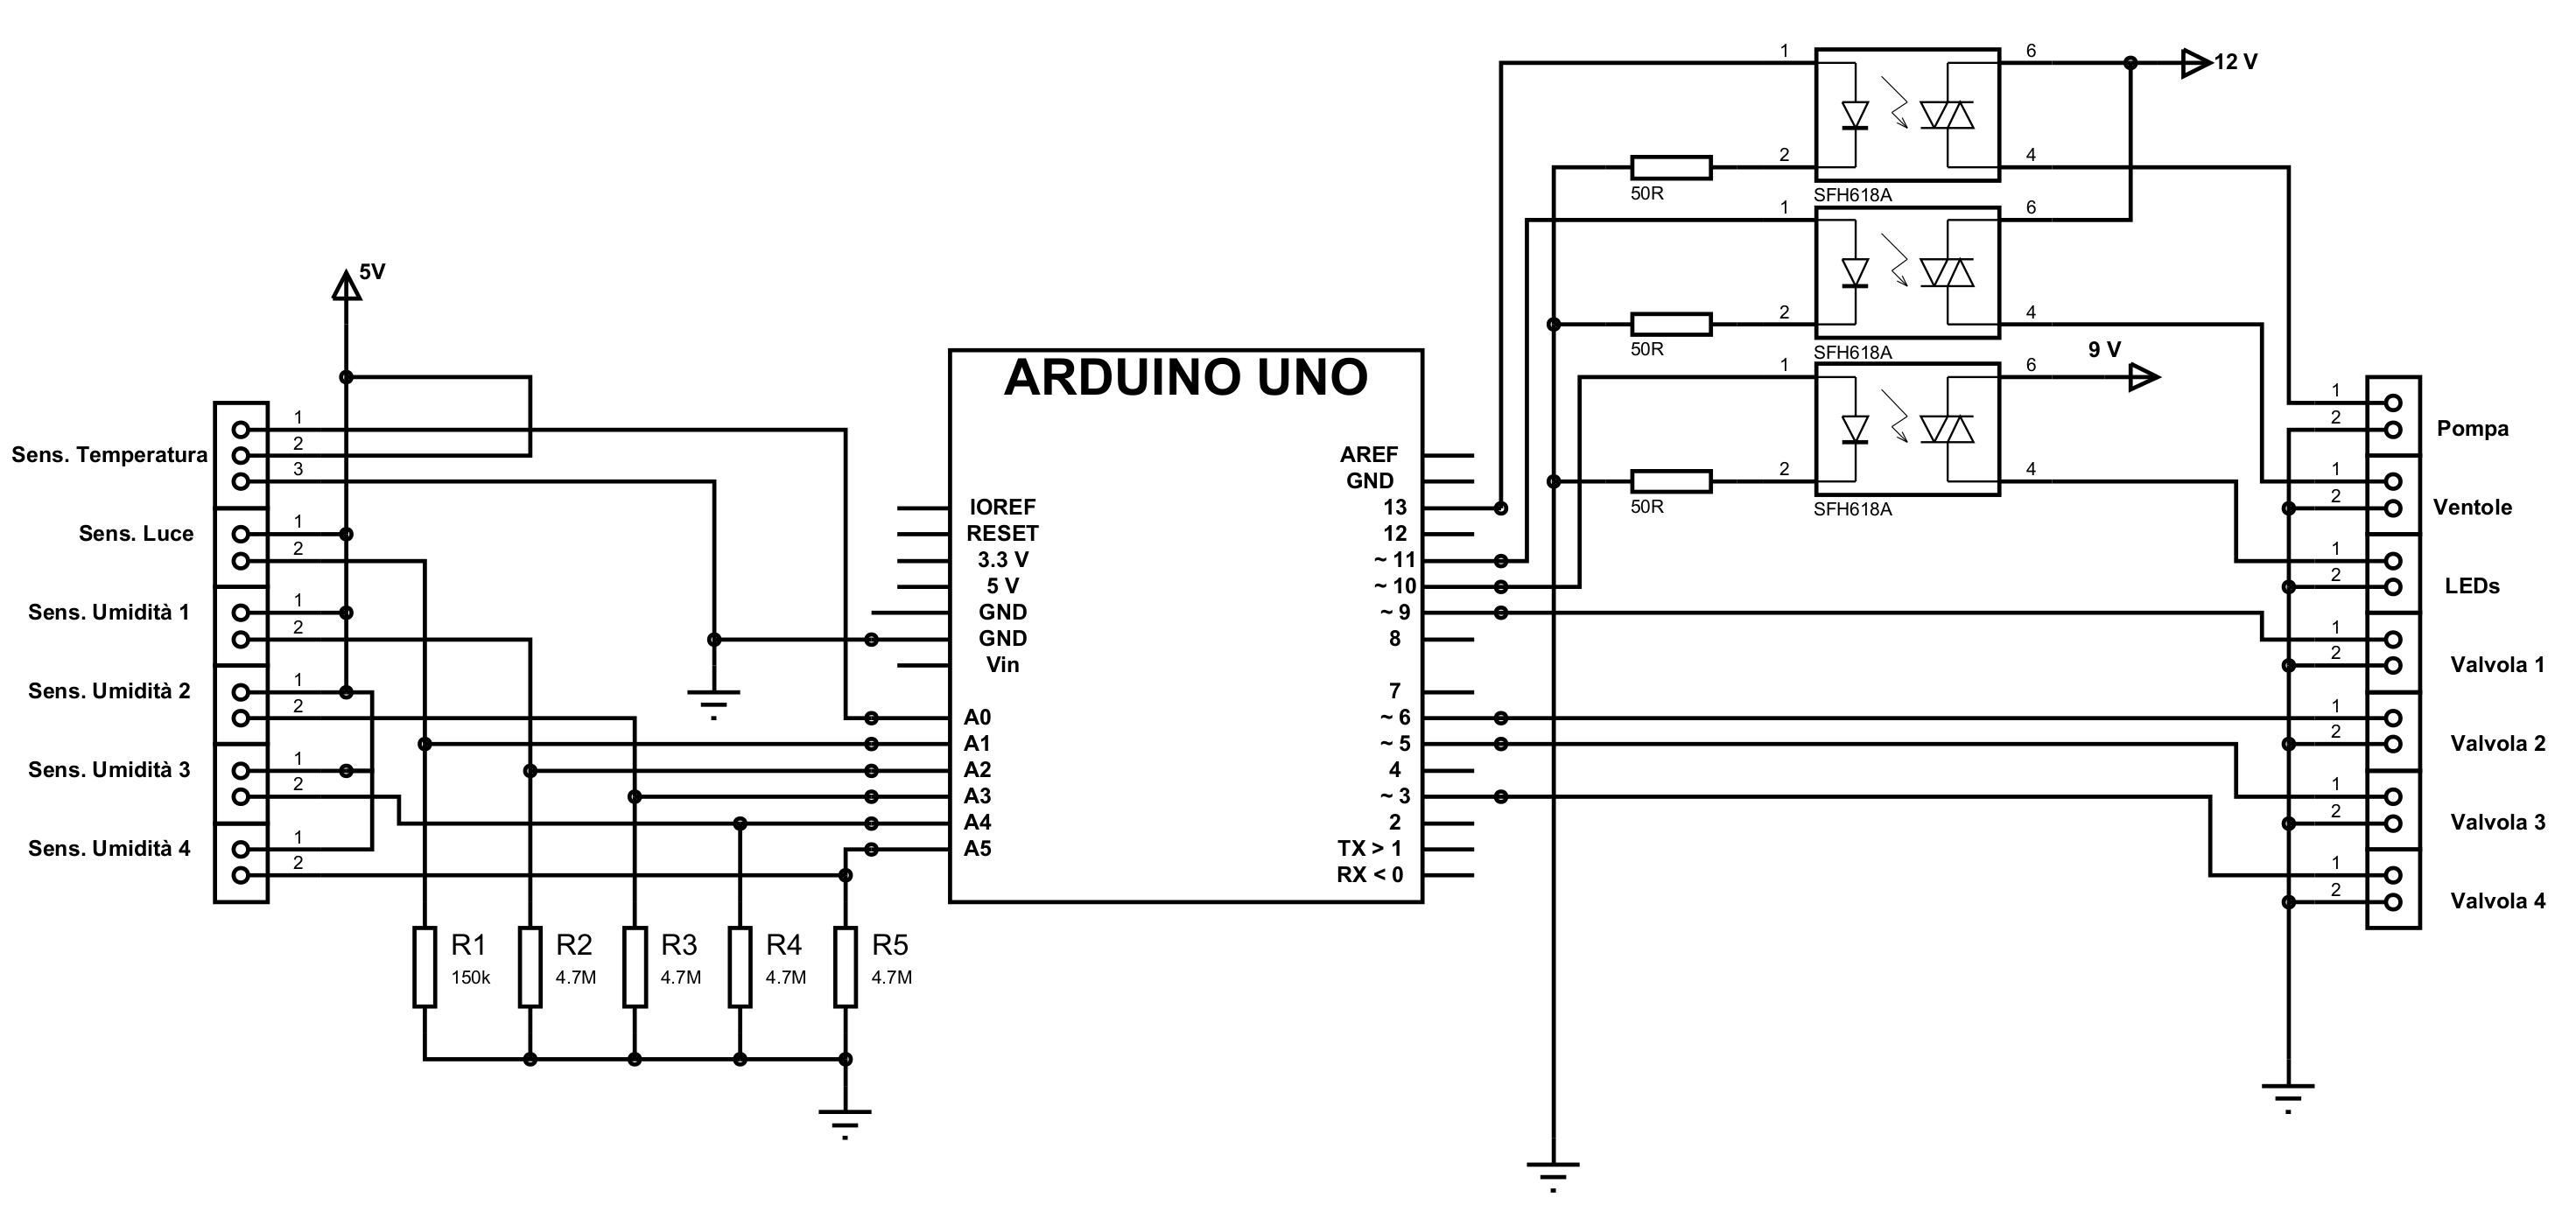 Schemi Elettrici Arduino : Progetto giardiniere gestire una serra domestica con arduino